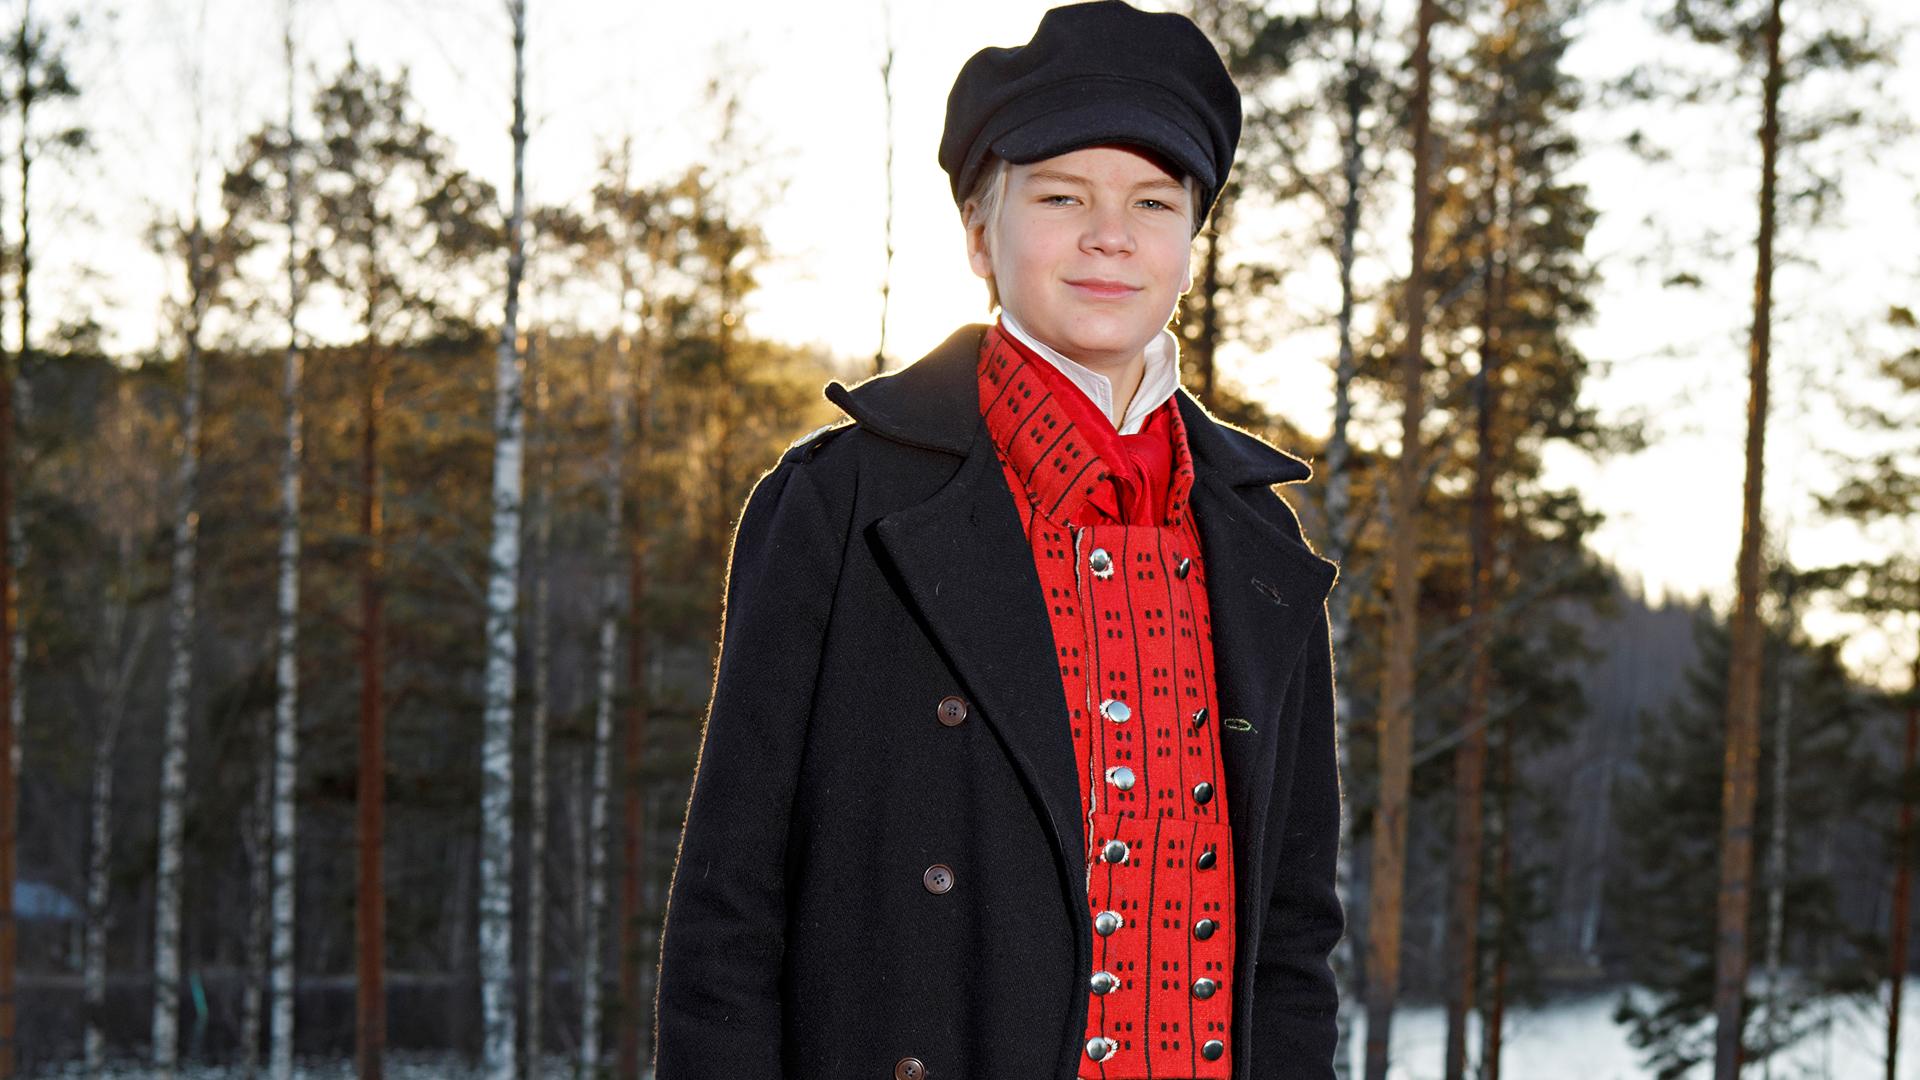 Jaakko Rikalainen